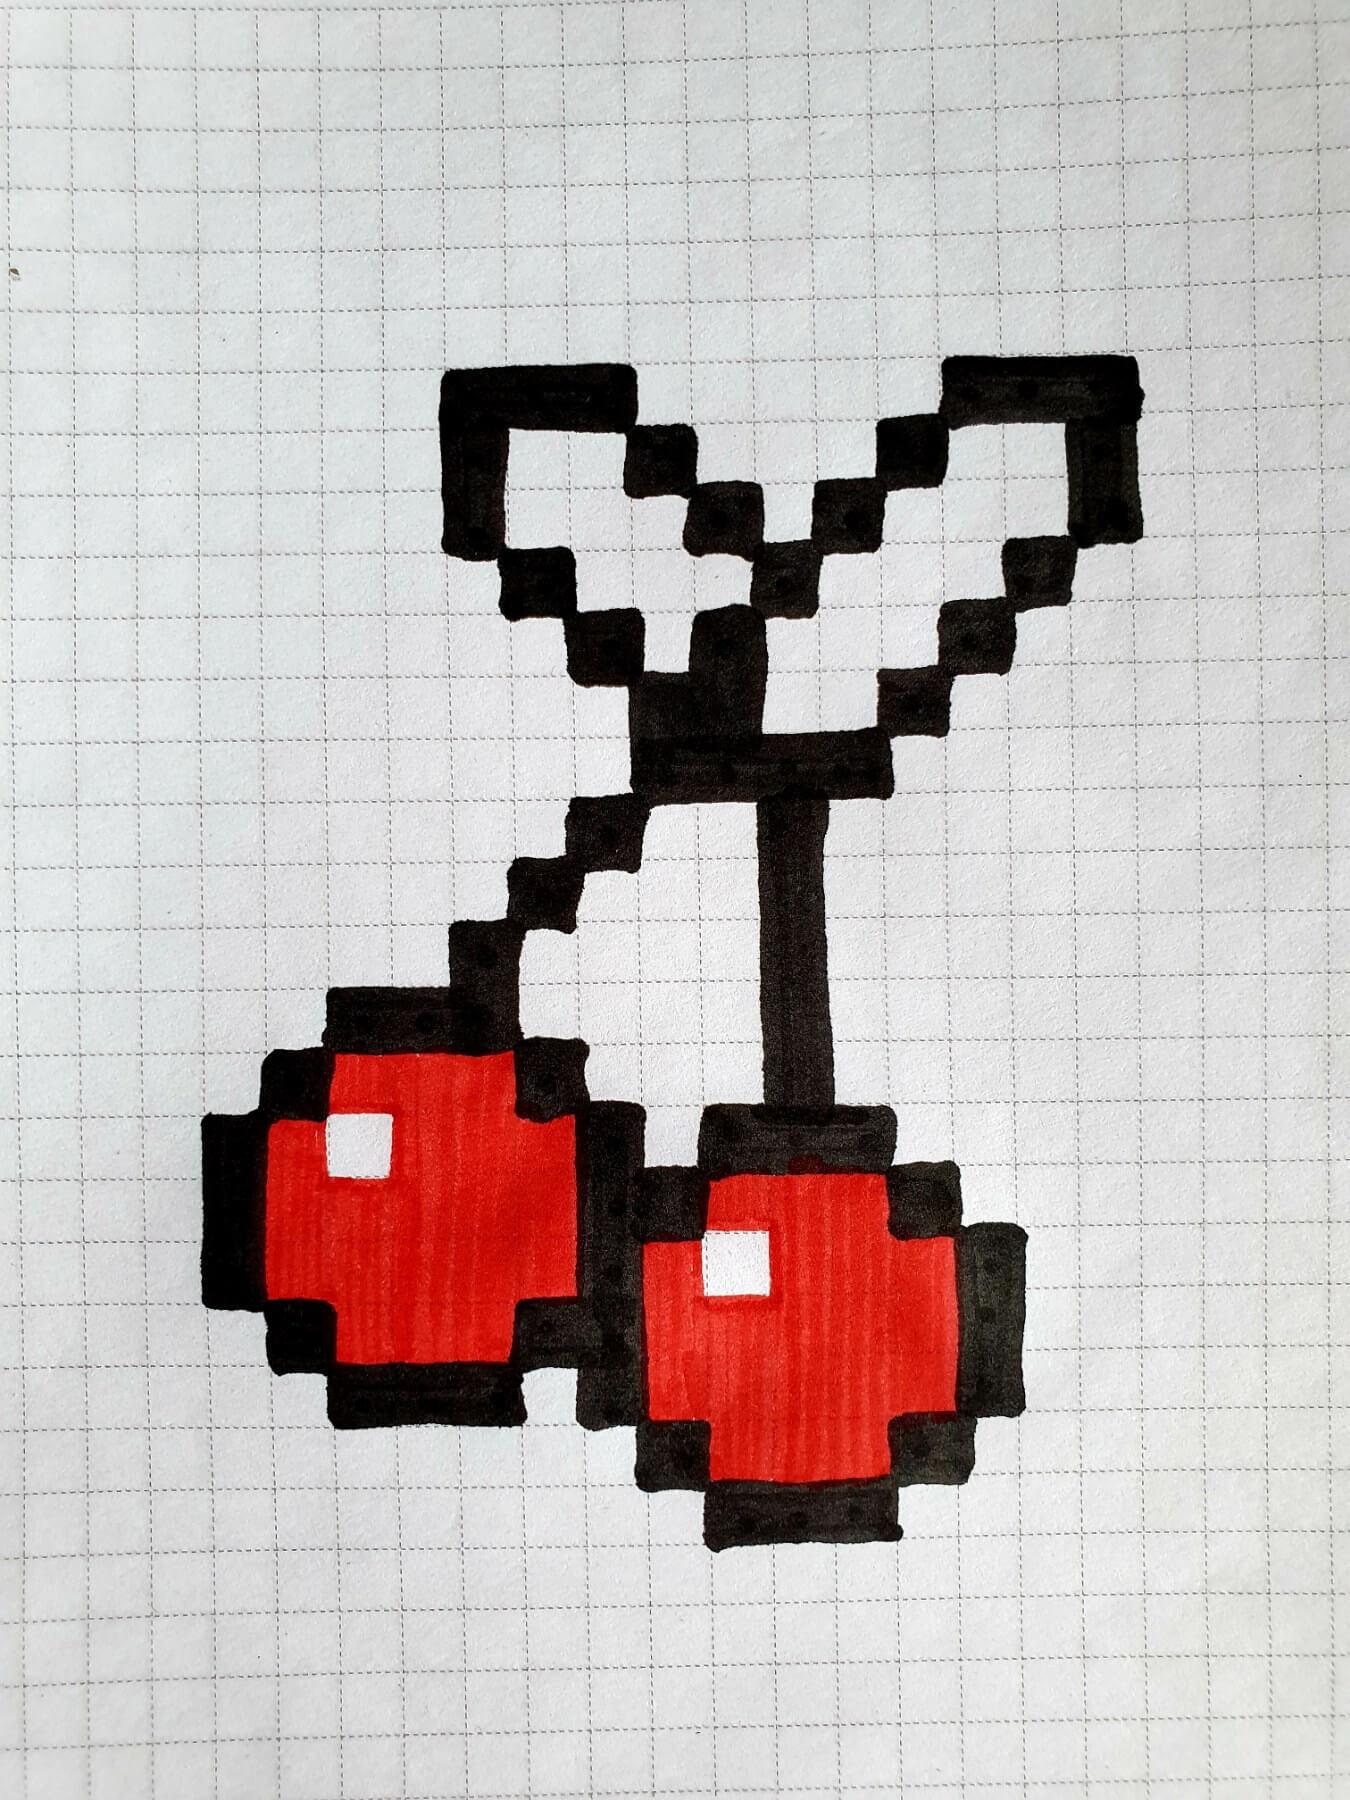 вишня, drawings on cells, drawings by cells, pixel art, pixel drawings